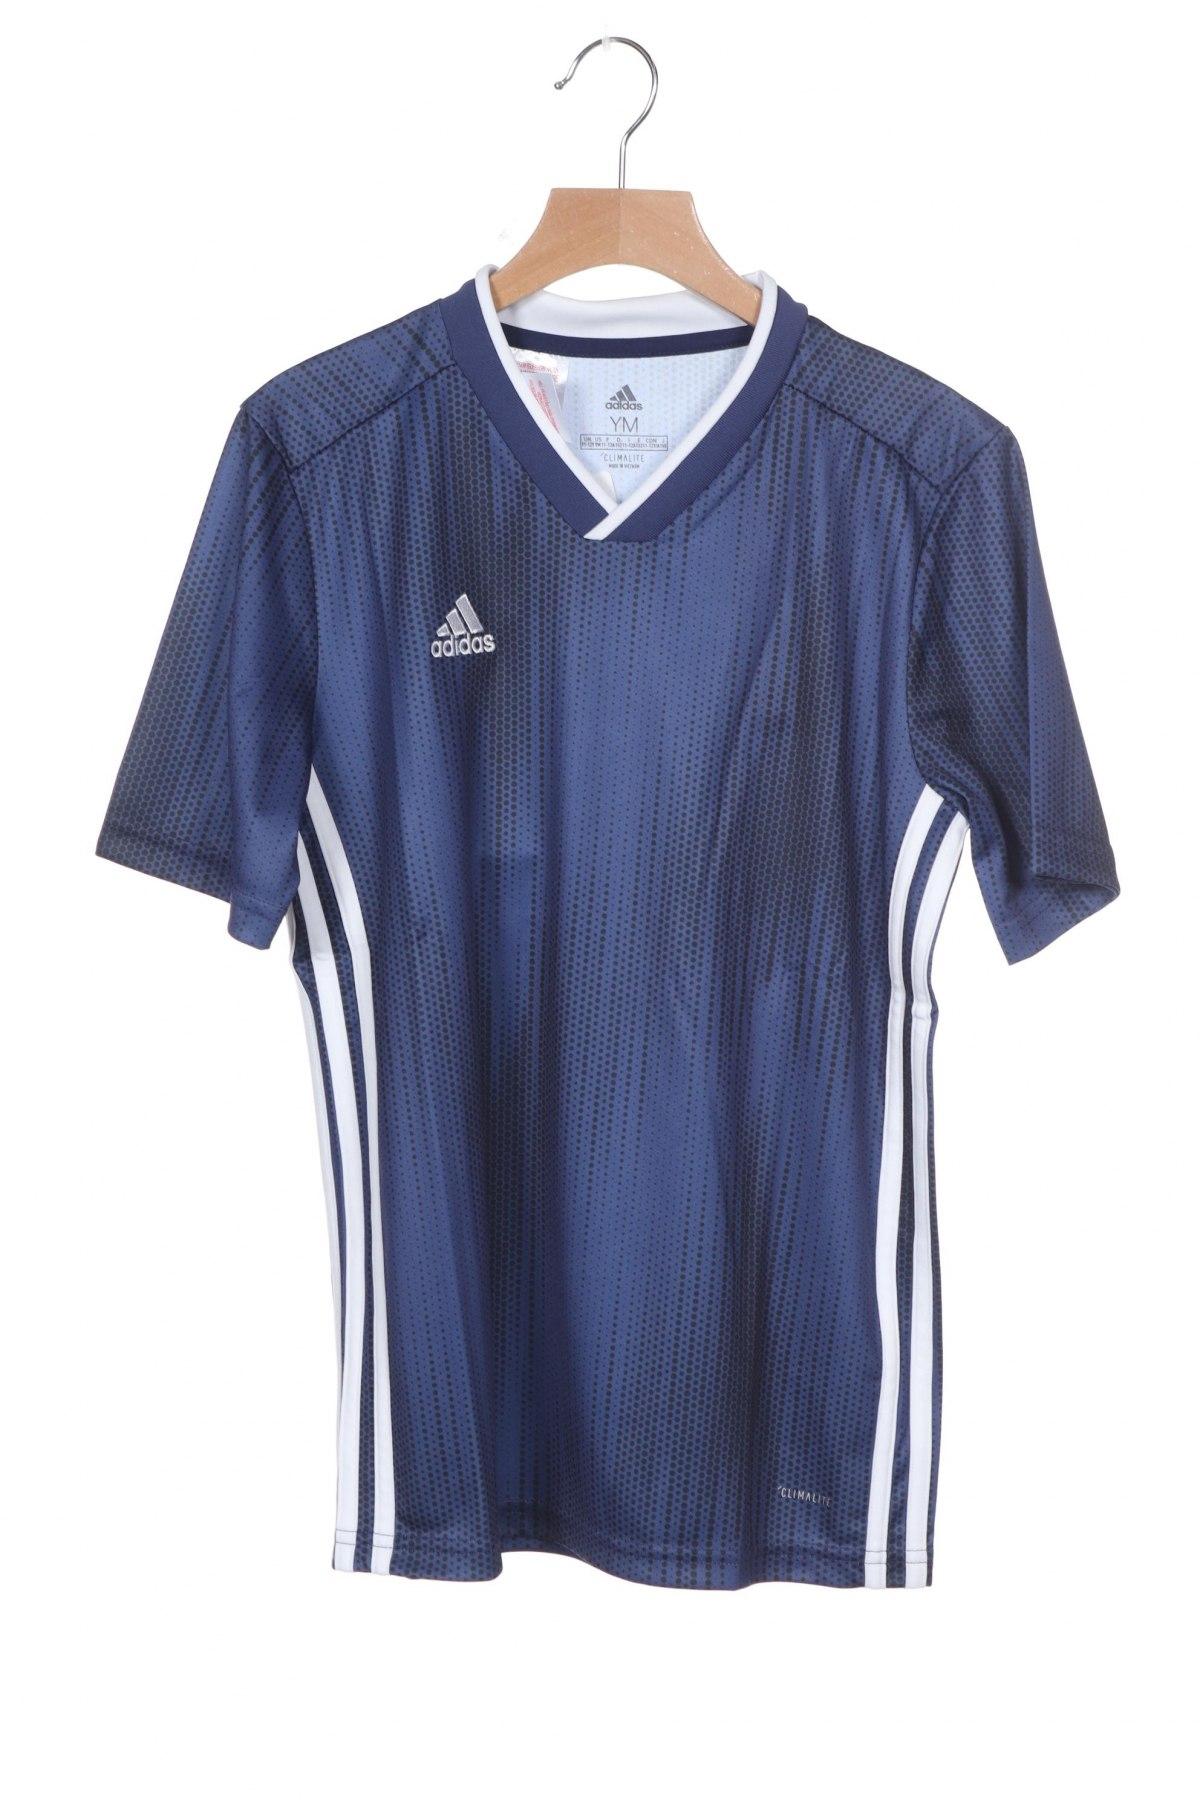 Παιδικό μπλουζάκι Adidas, Μέγεθος 10-11y/ 146-152 εκ., Χρώμα Μπλέ, Πολυεστέρας, Τιμή 8,51€